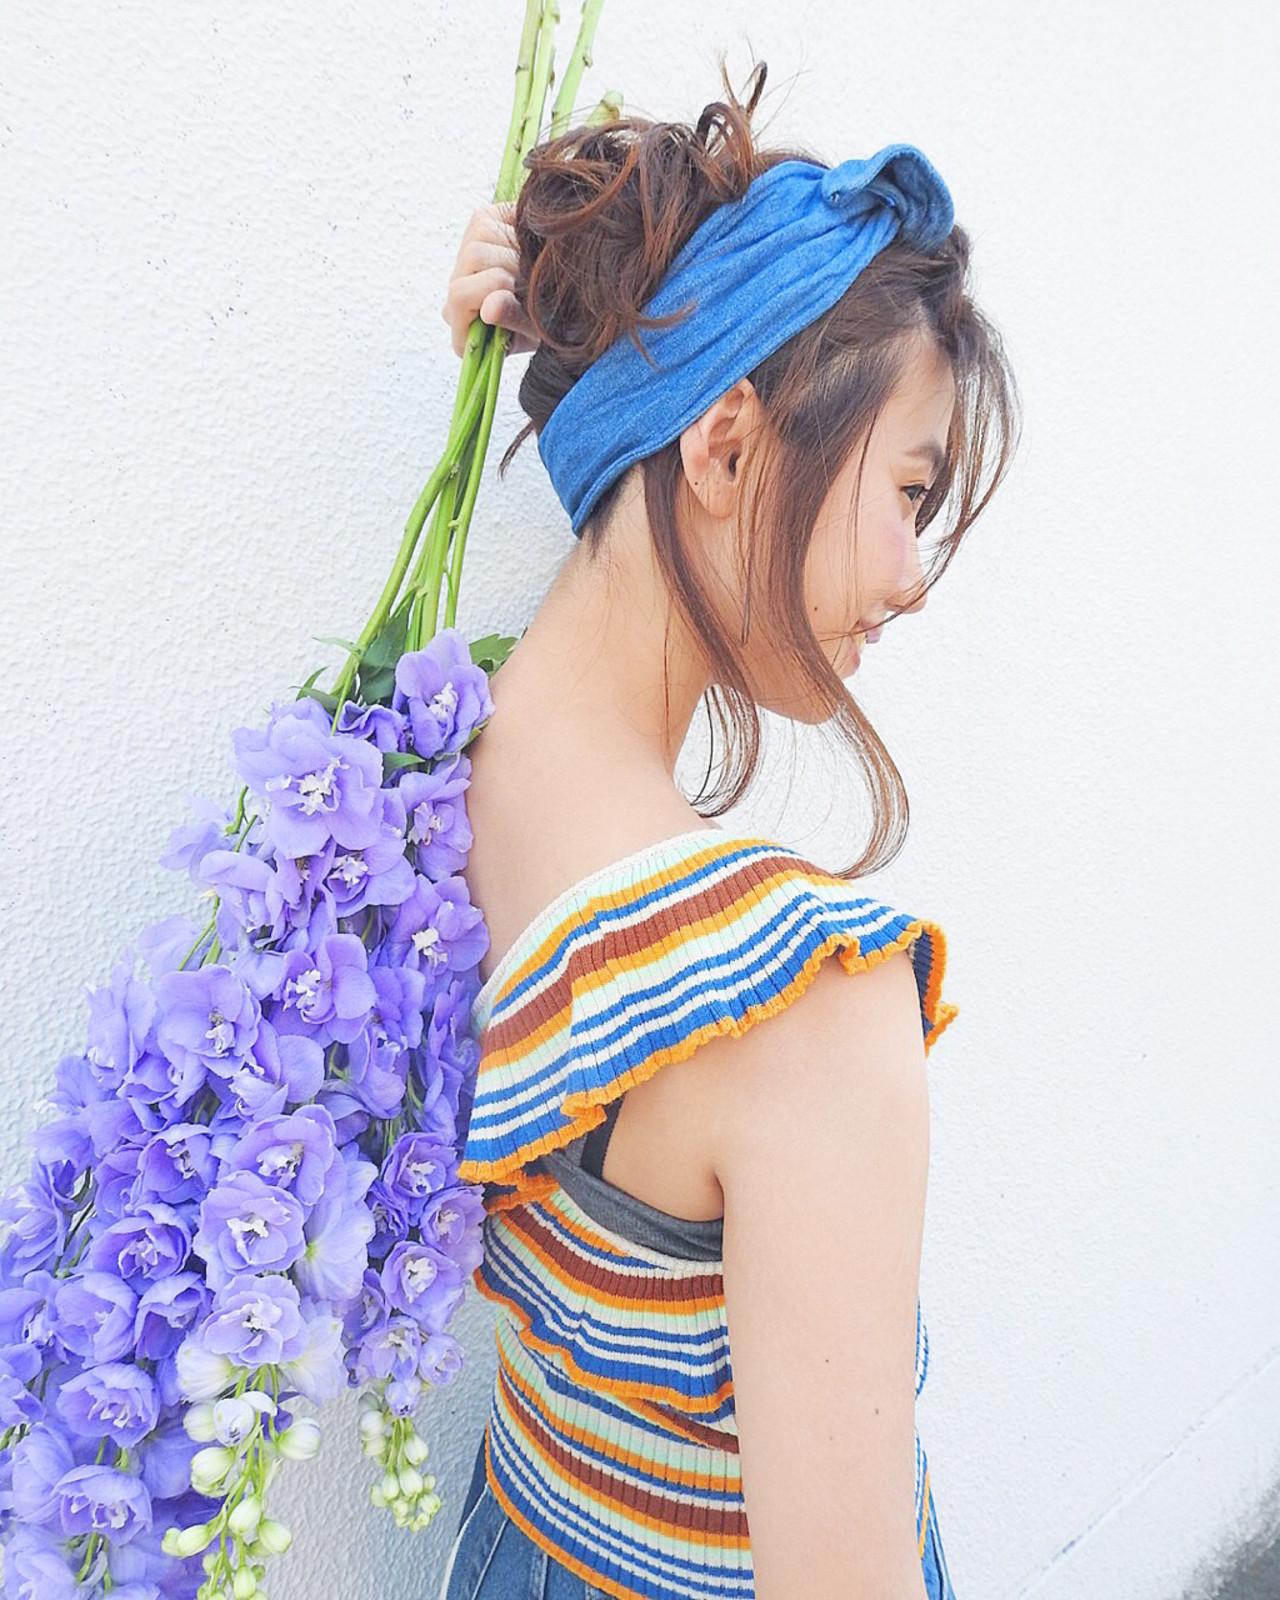 ガーリー ゆるふわ リラックス ヘアアレンジ ヘアスタイルや髪型の写真・画像 | 竹村 春香 / 自由が丘 Hair Salon pele